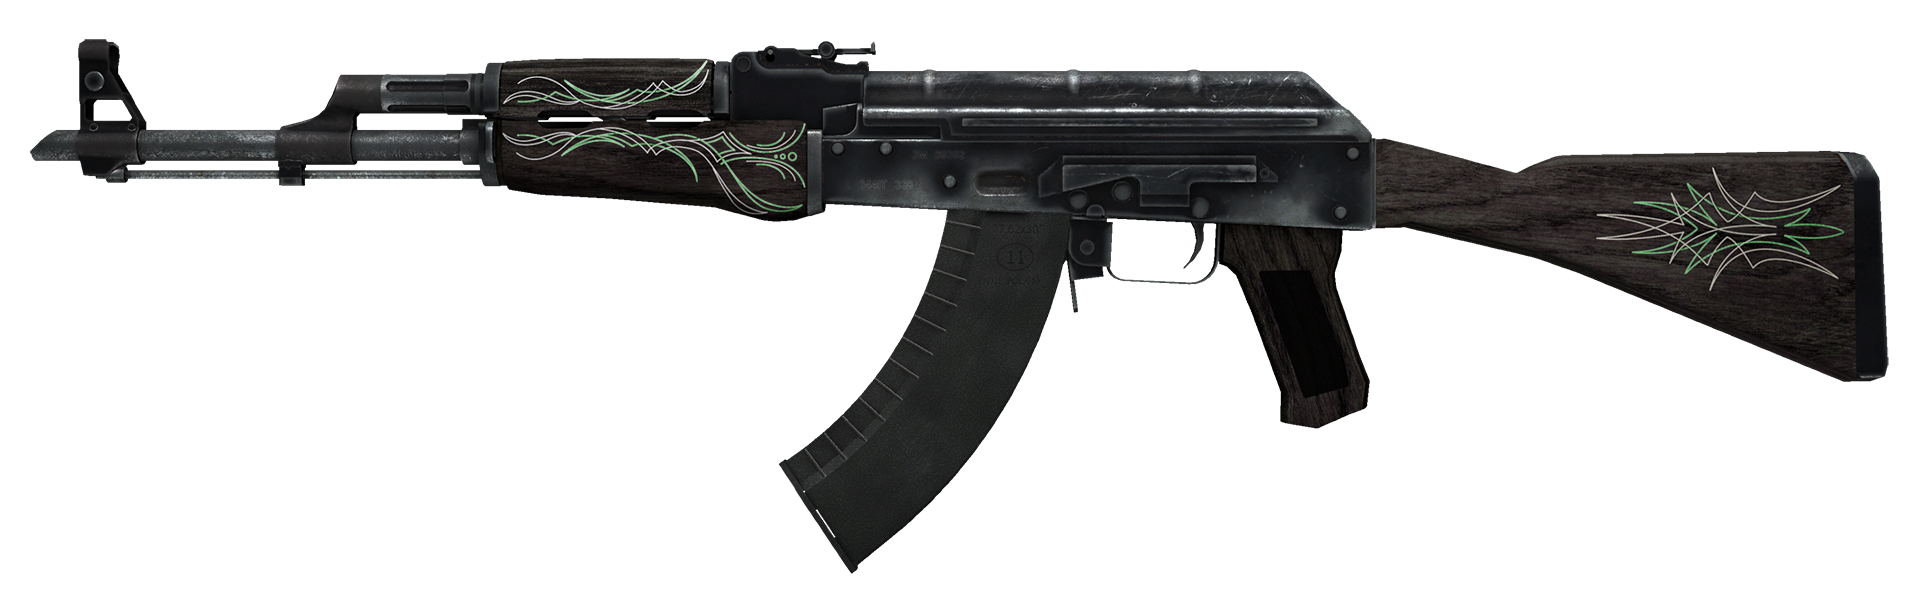 AK-47 Emerald Pinstripe Large Rendering